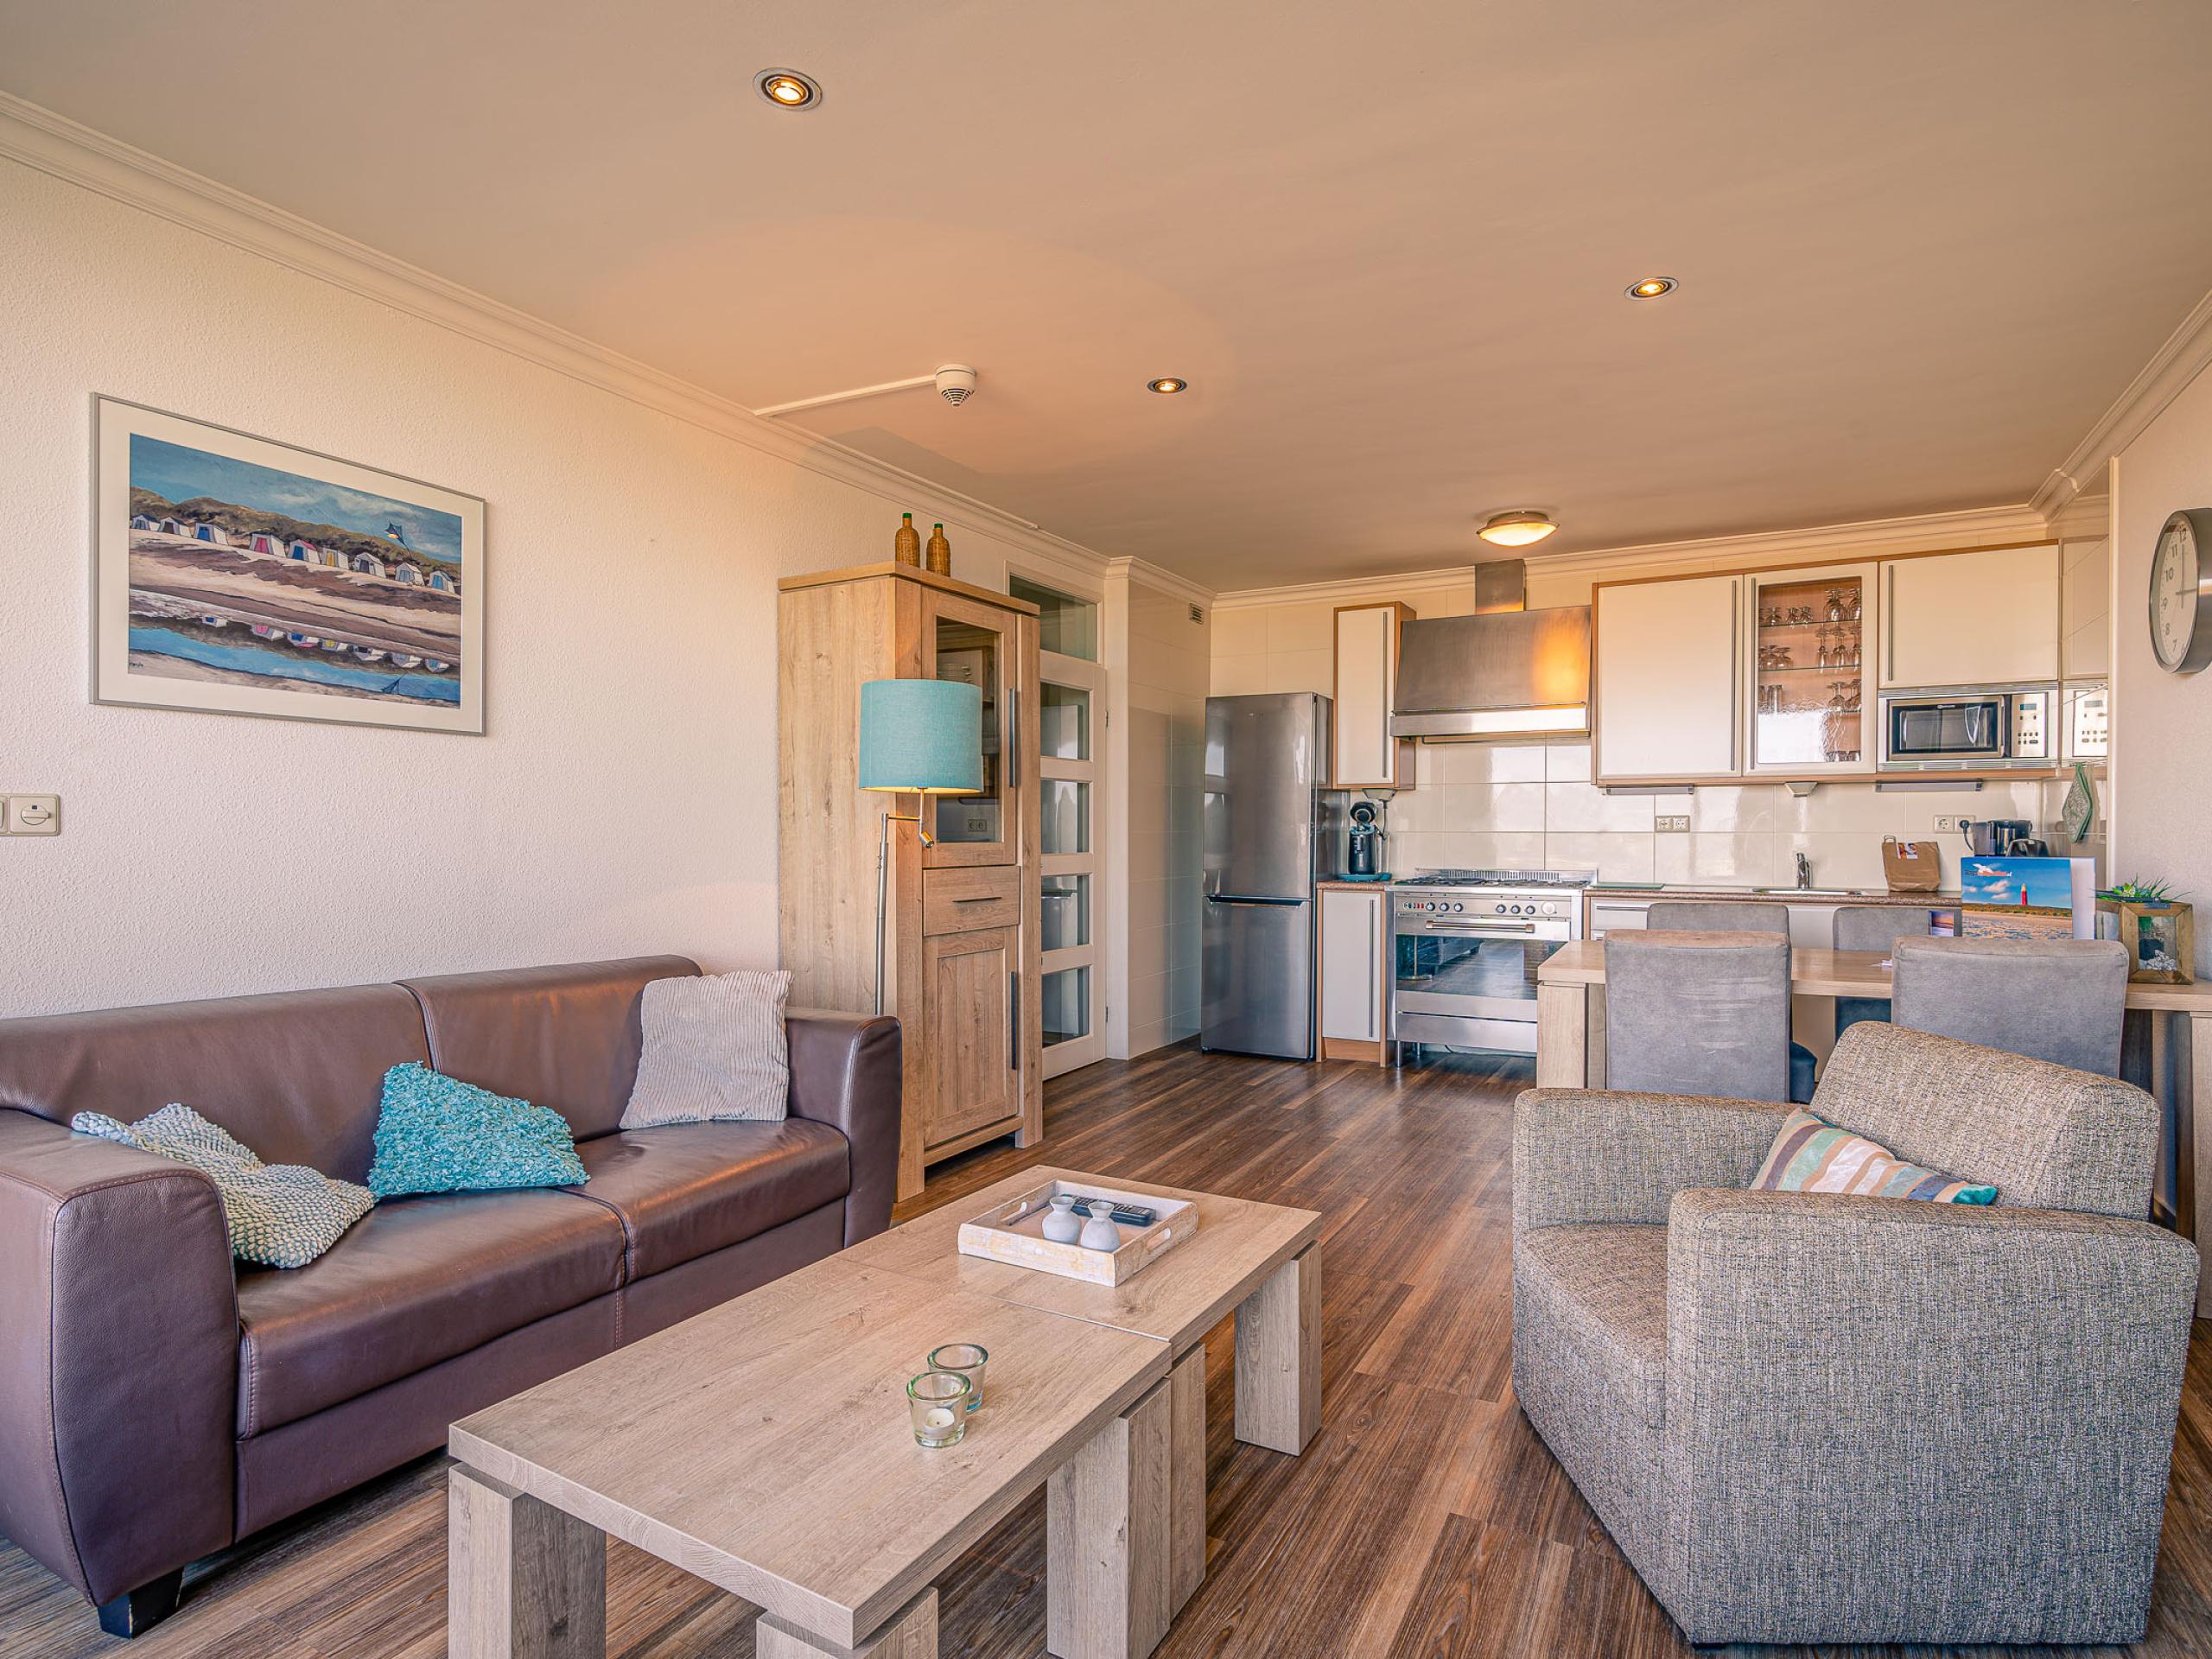 Appartement bei de Koog mit einzigartiger Aussicht über das Meer